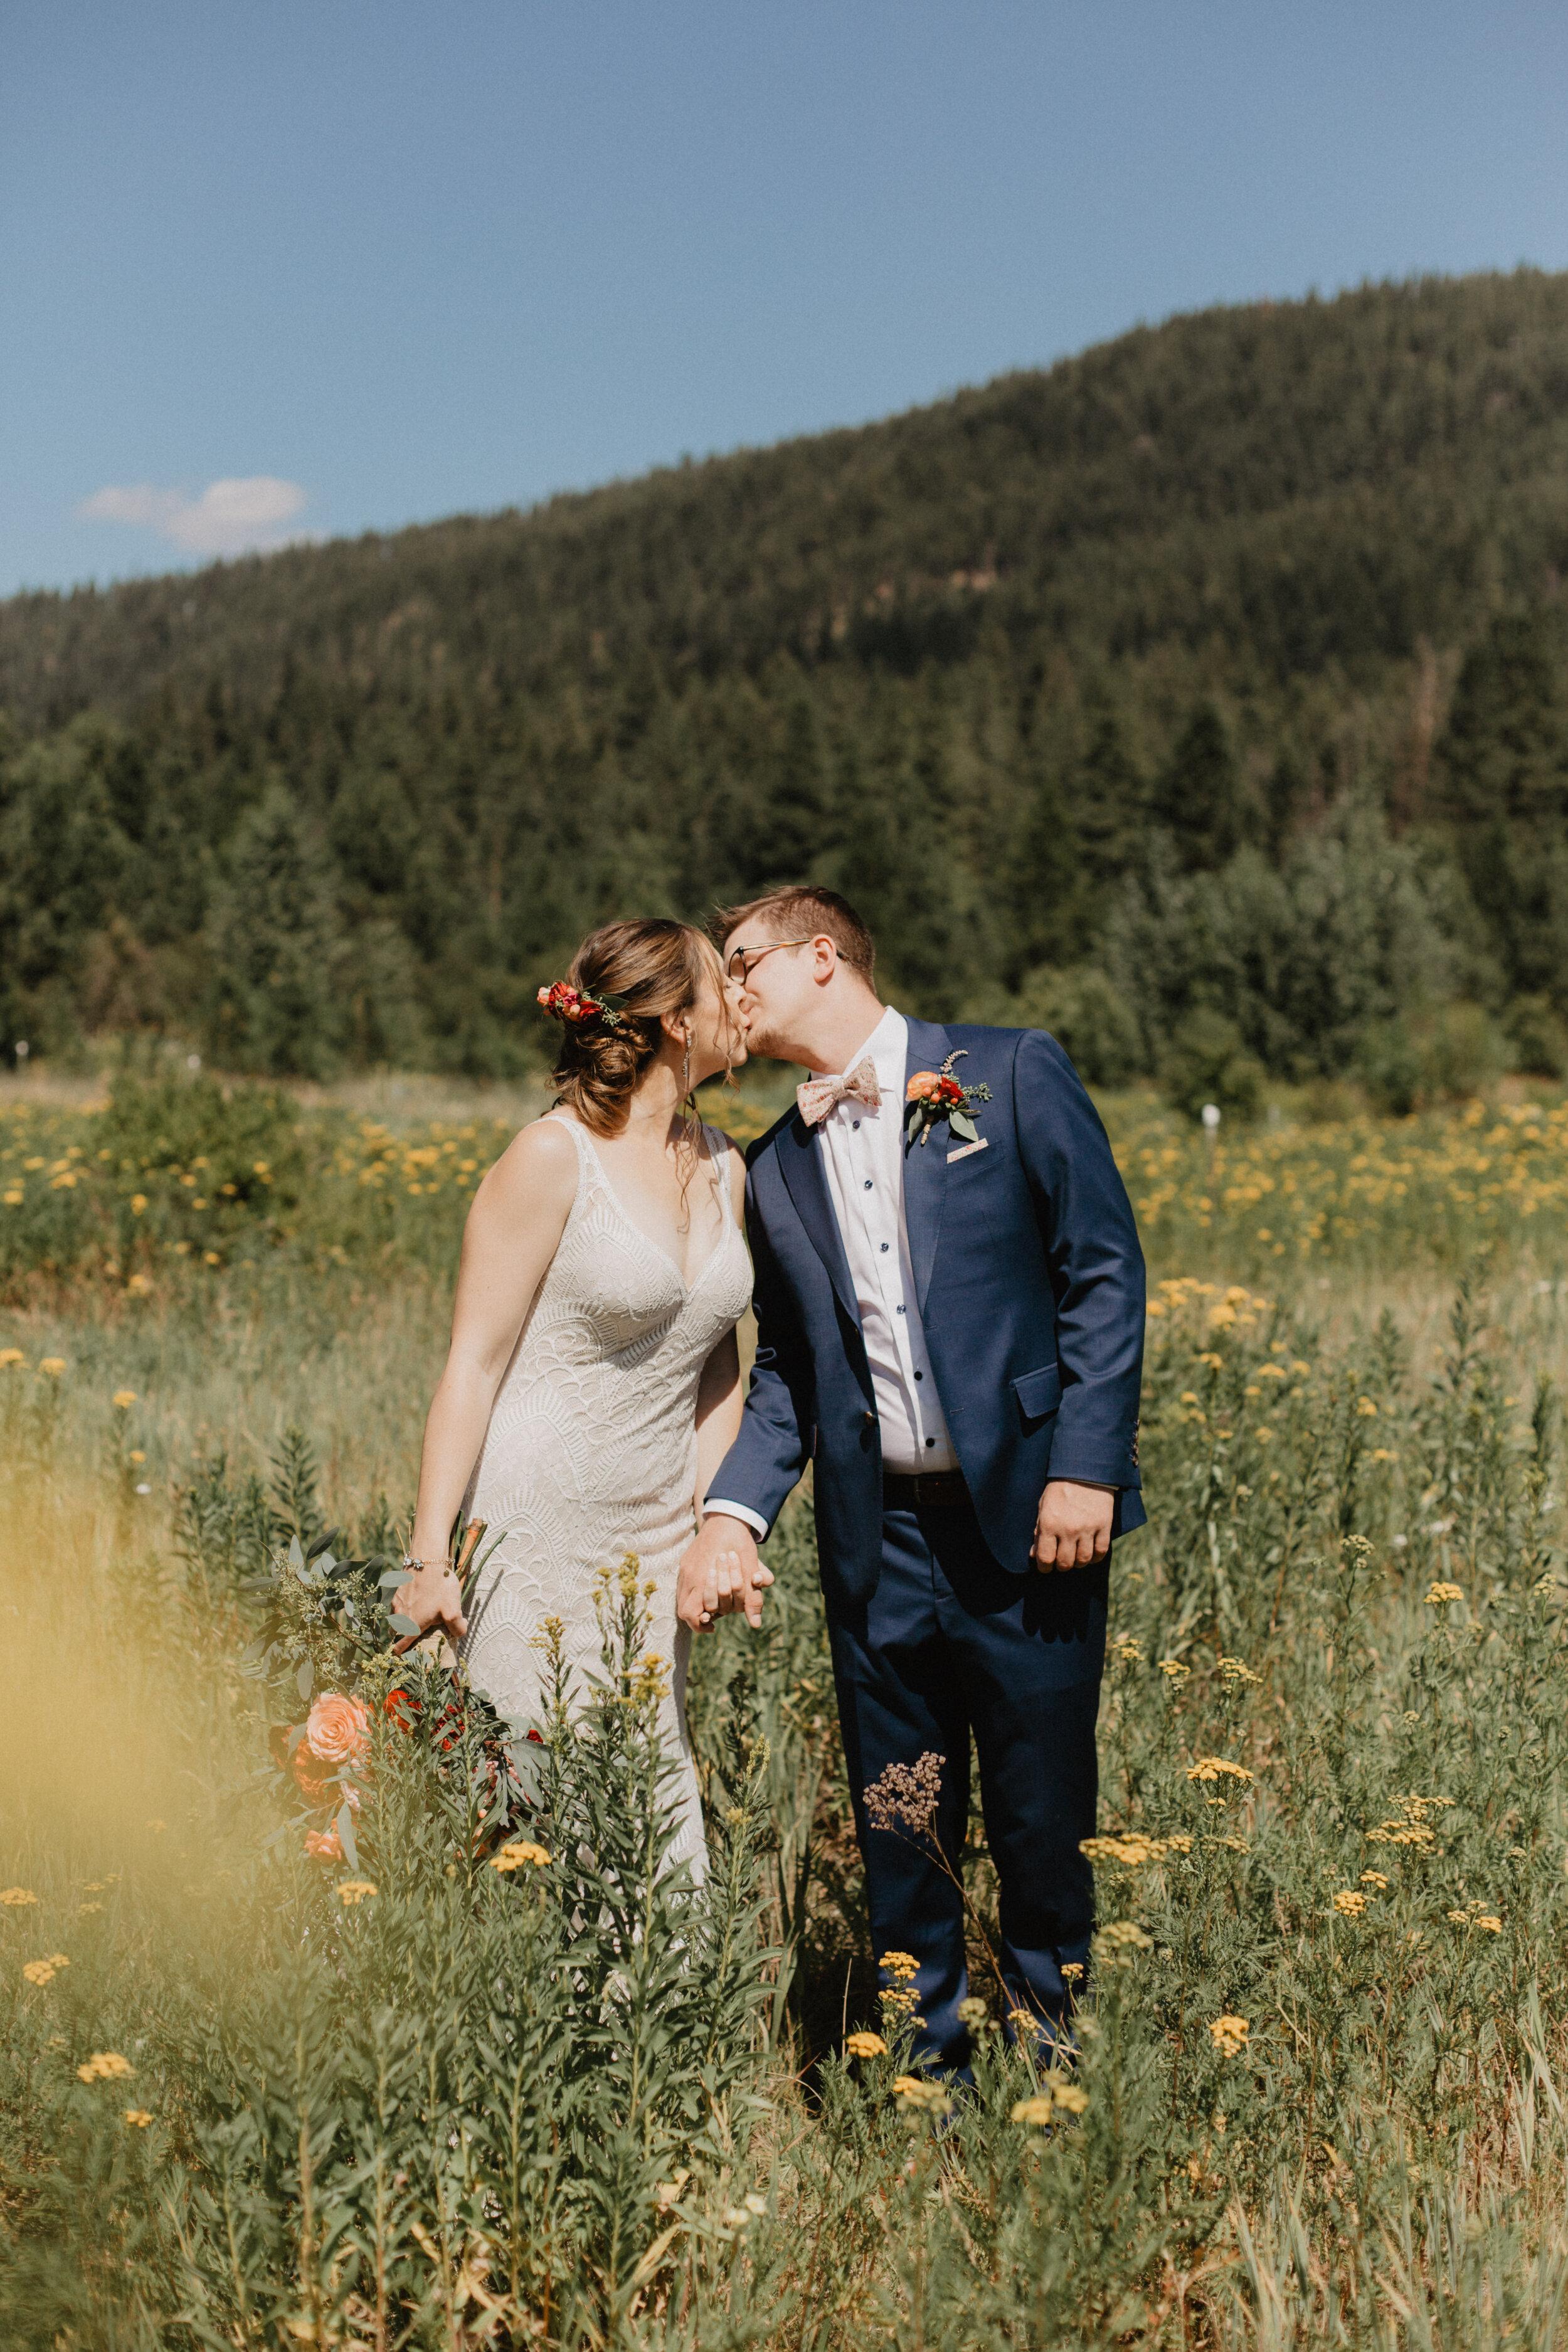 PEGGY & BRIAN - WEDDING